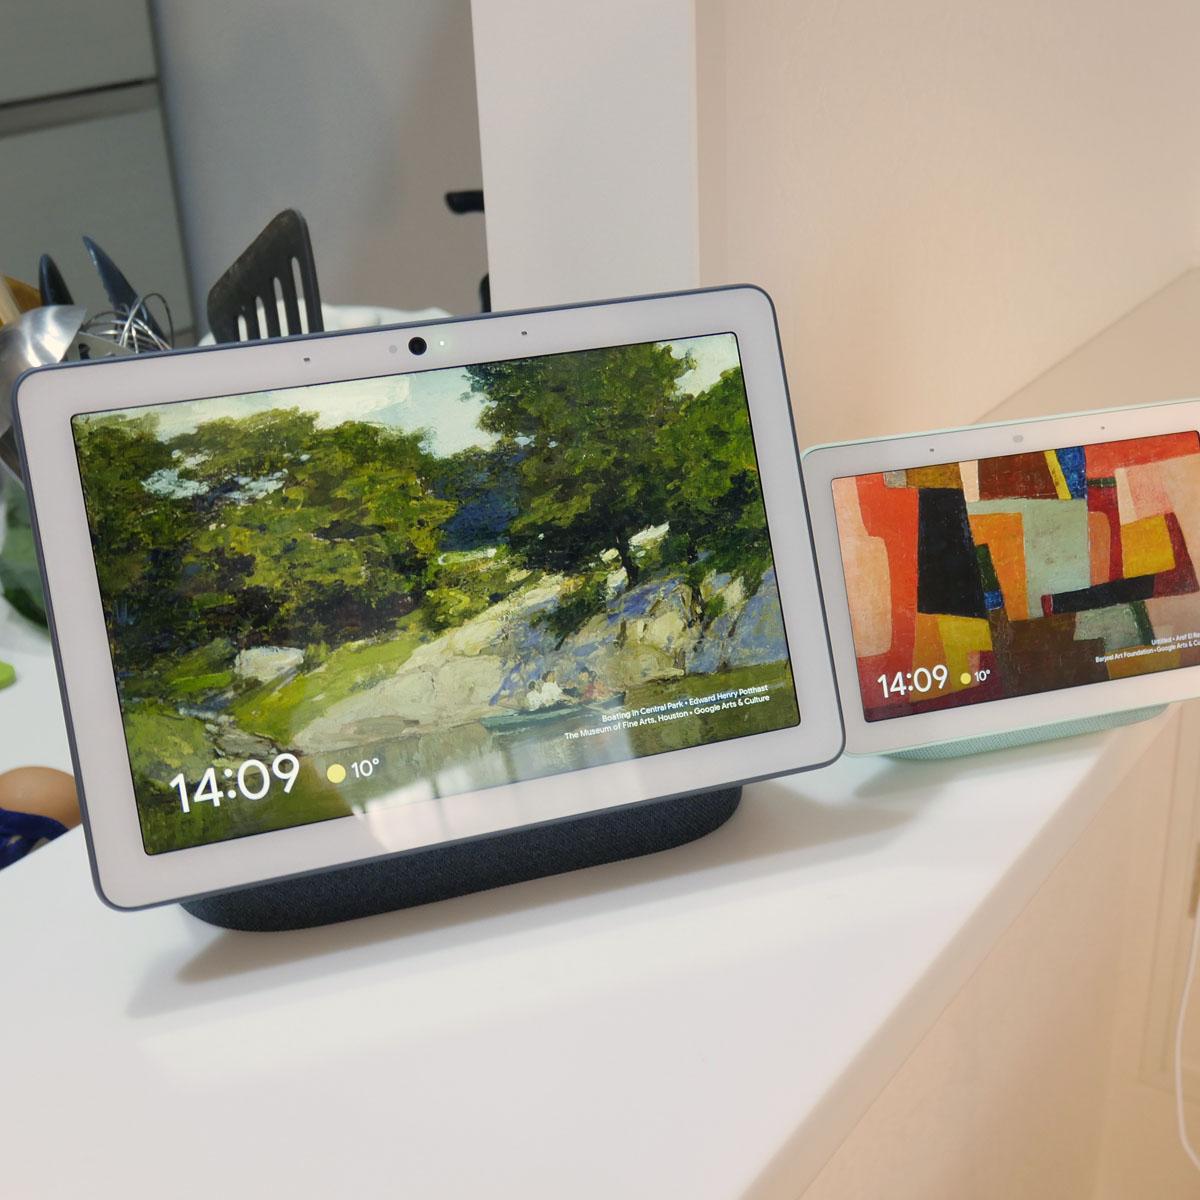 デカいは正義。「Google Nest Hub Max」は満足度高めのスマートディスプレイ